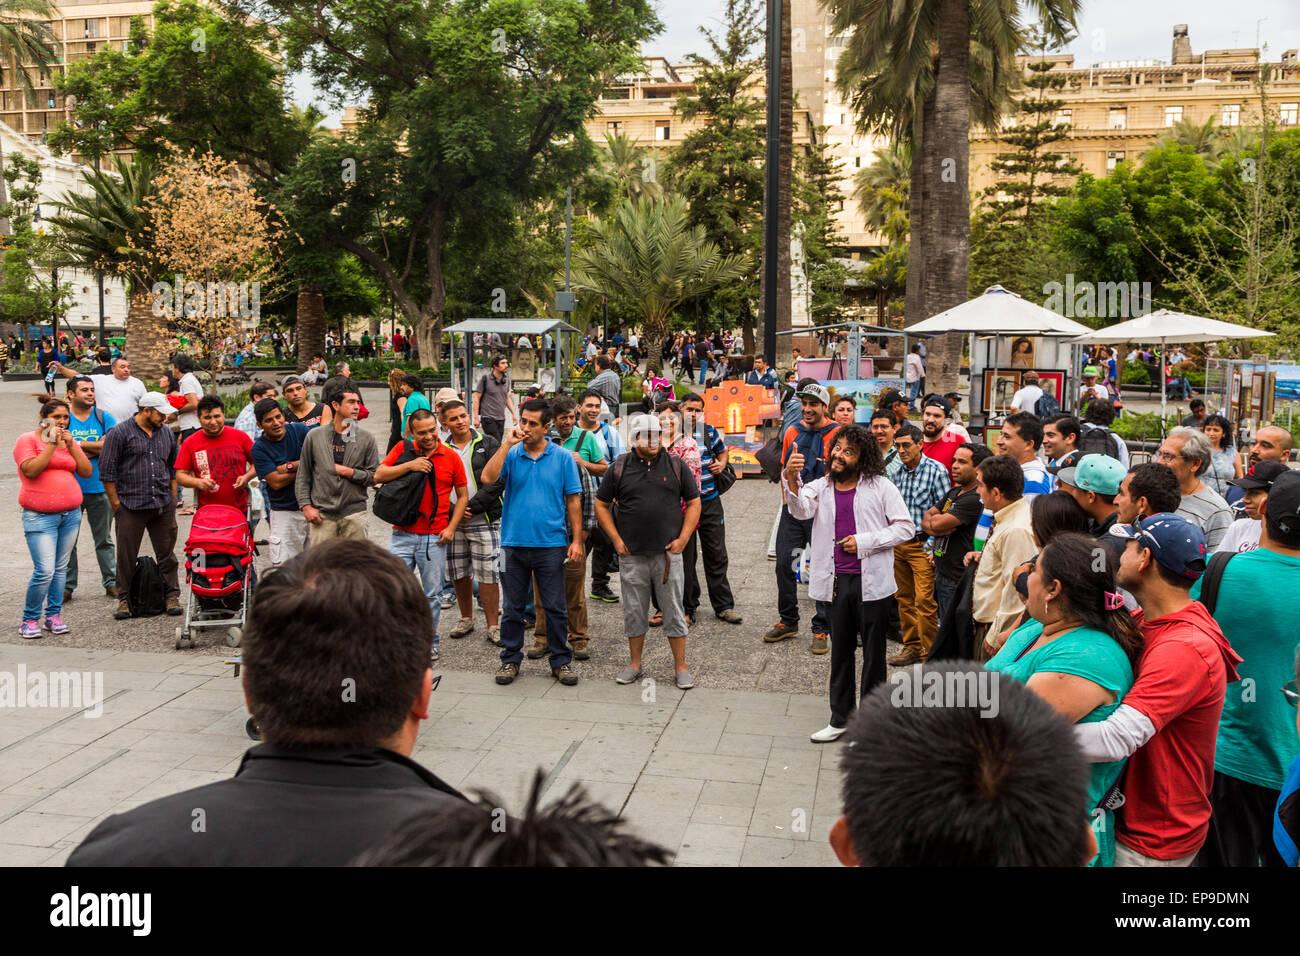 comedian performing, Plaza de Armas, Santiago, Chile - Stock Image